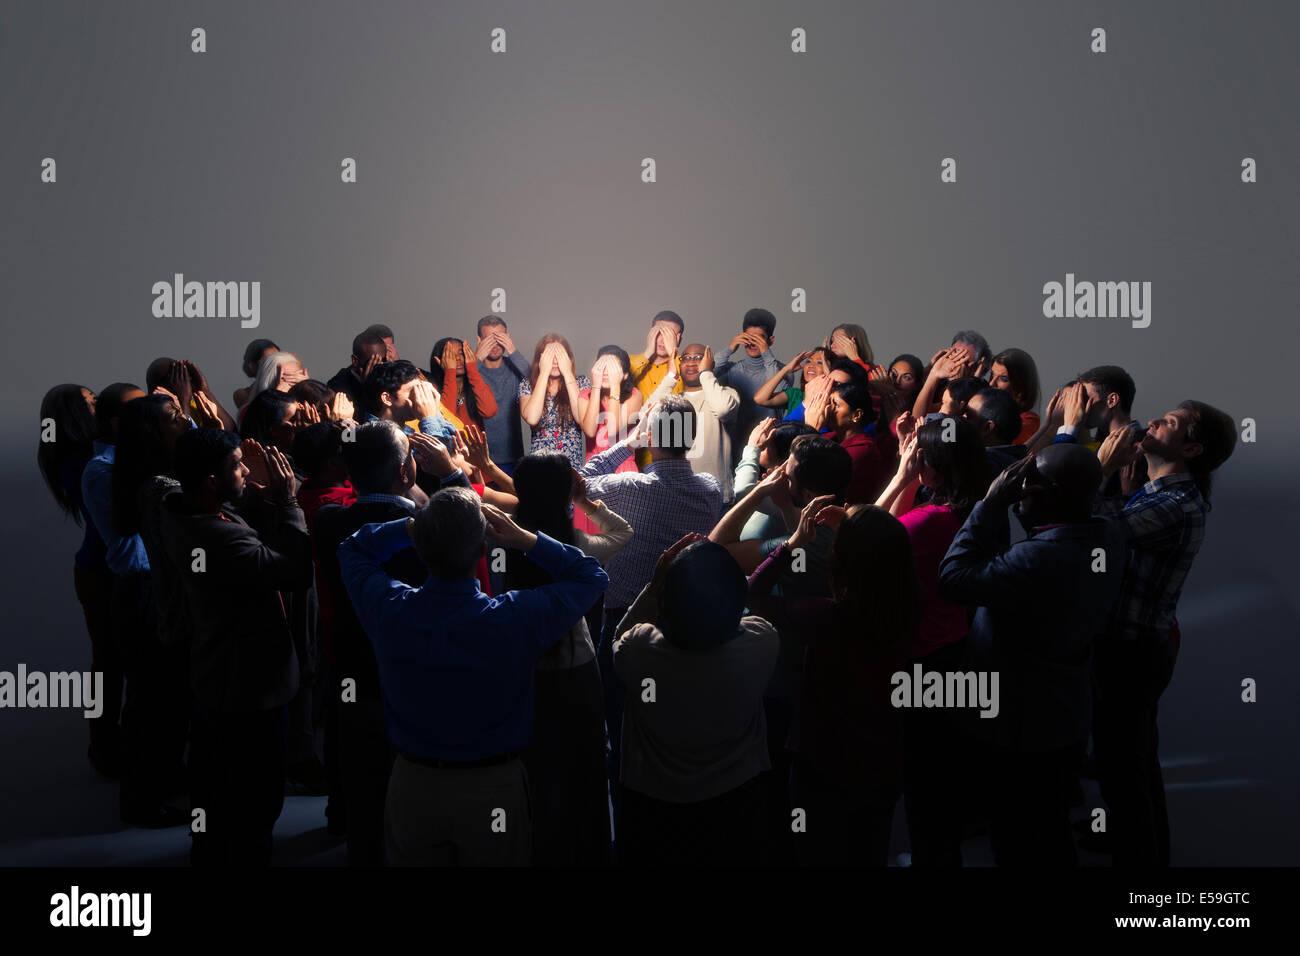 Les gens d'affaires couvrant les yeux autour de la lumière vive Photo Stock